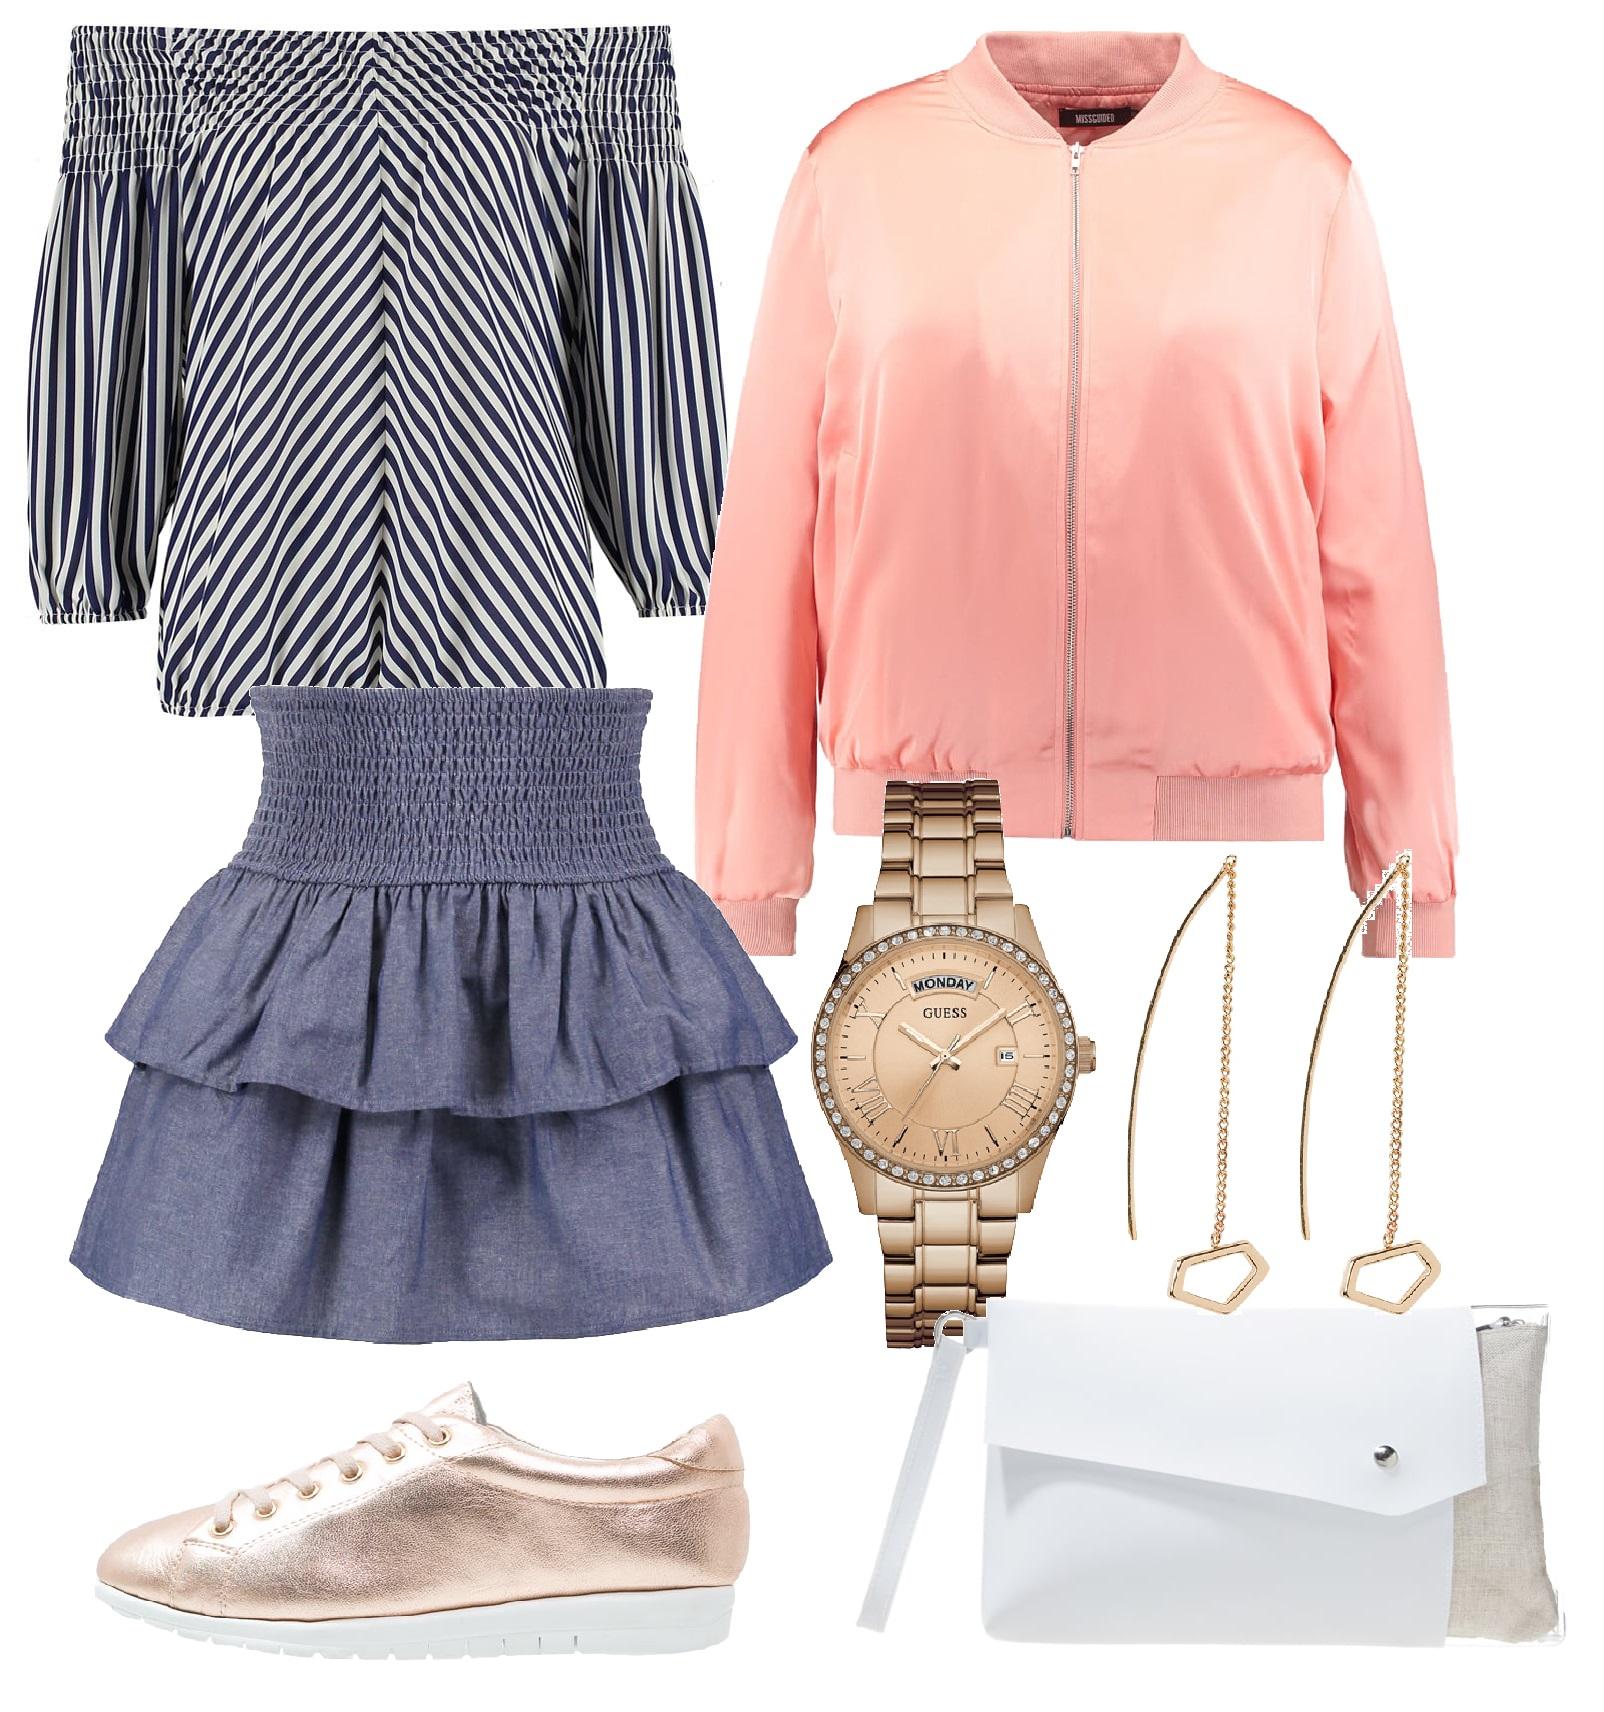 Stylizacje  Wygodnie, modnie i gustownie. 10 wiosennych stylizacji z tenisówkami